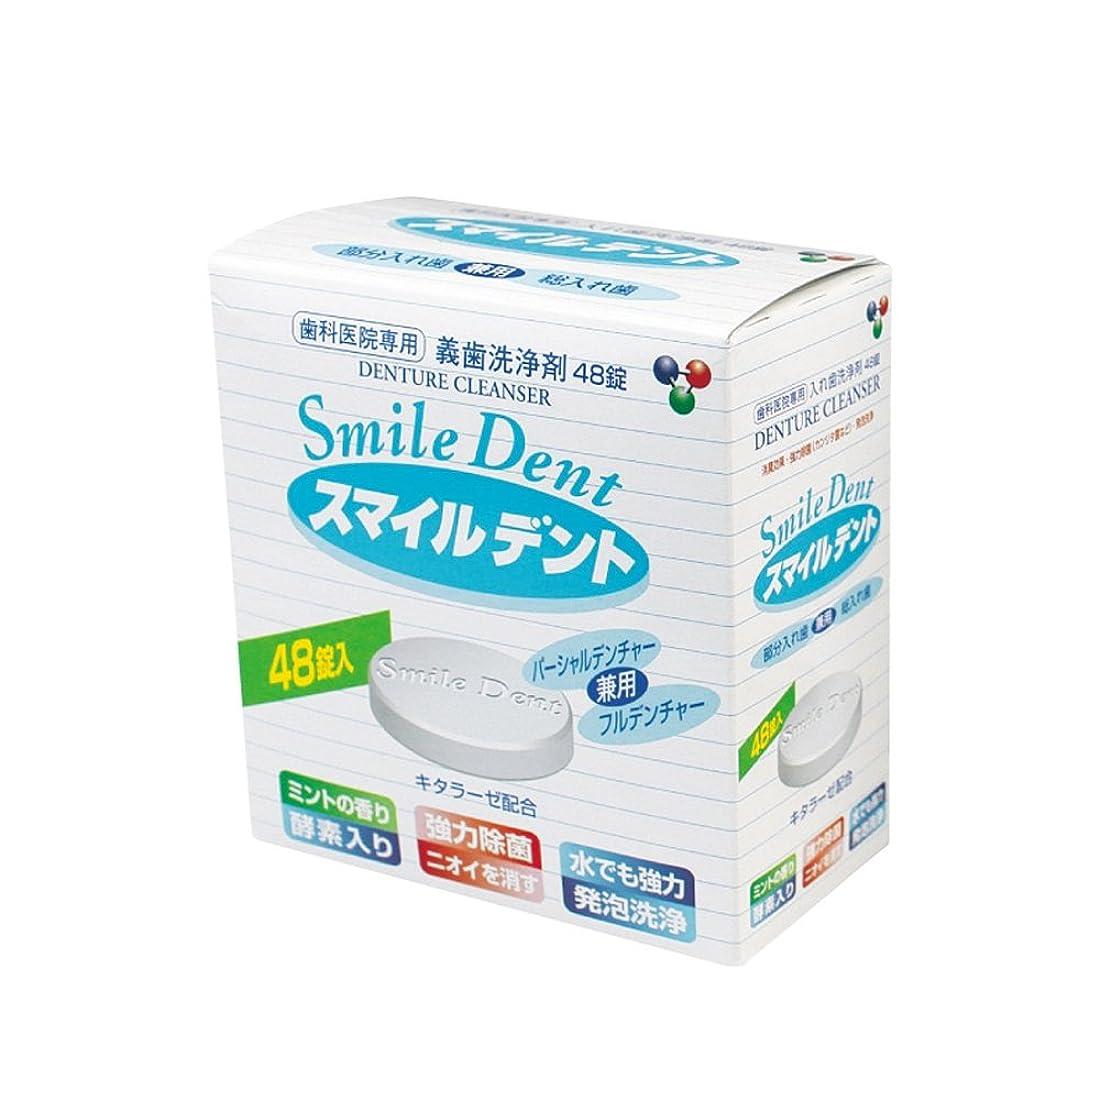 震え特にイディオム義歯洗浄剤 スマイルデント 1箱(48錠)